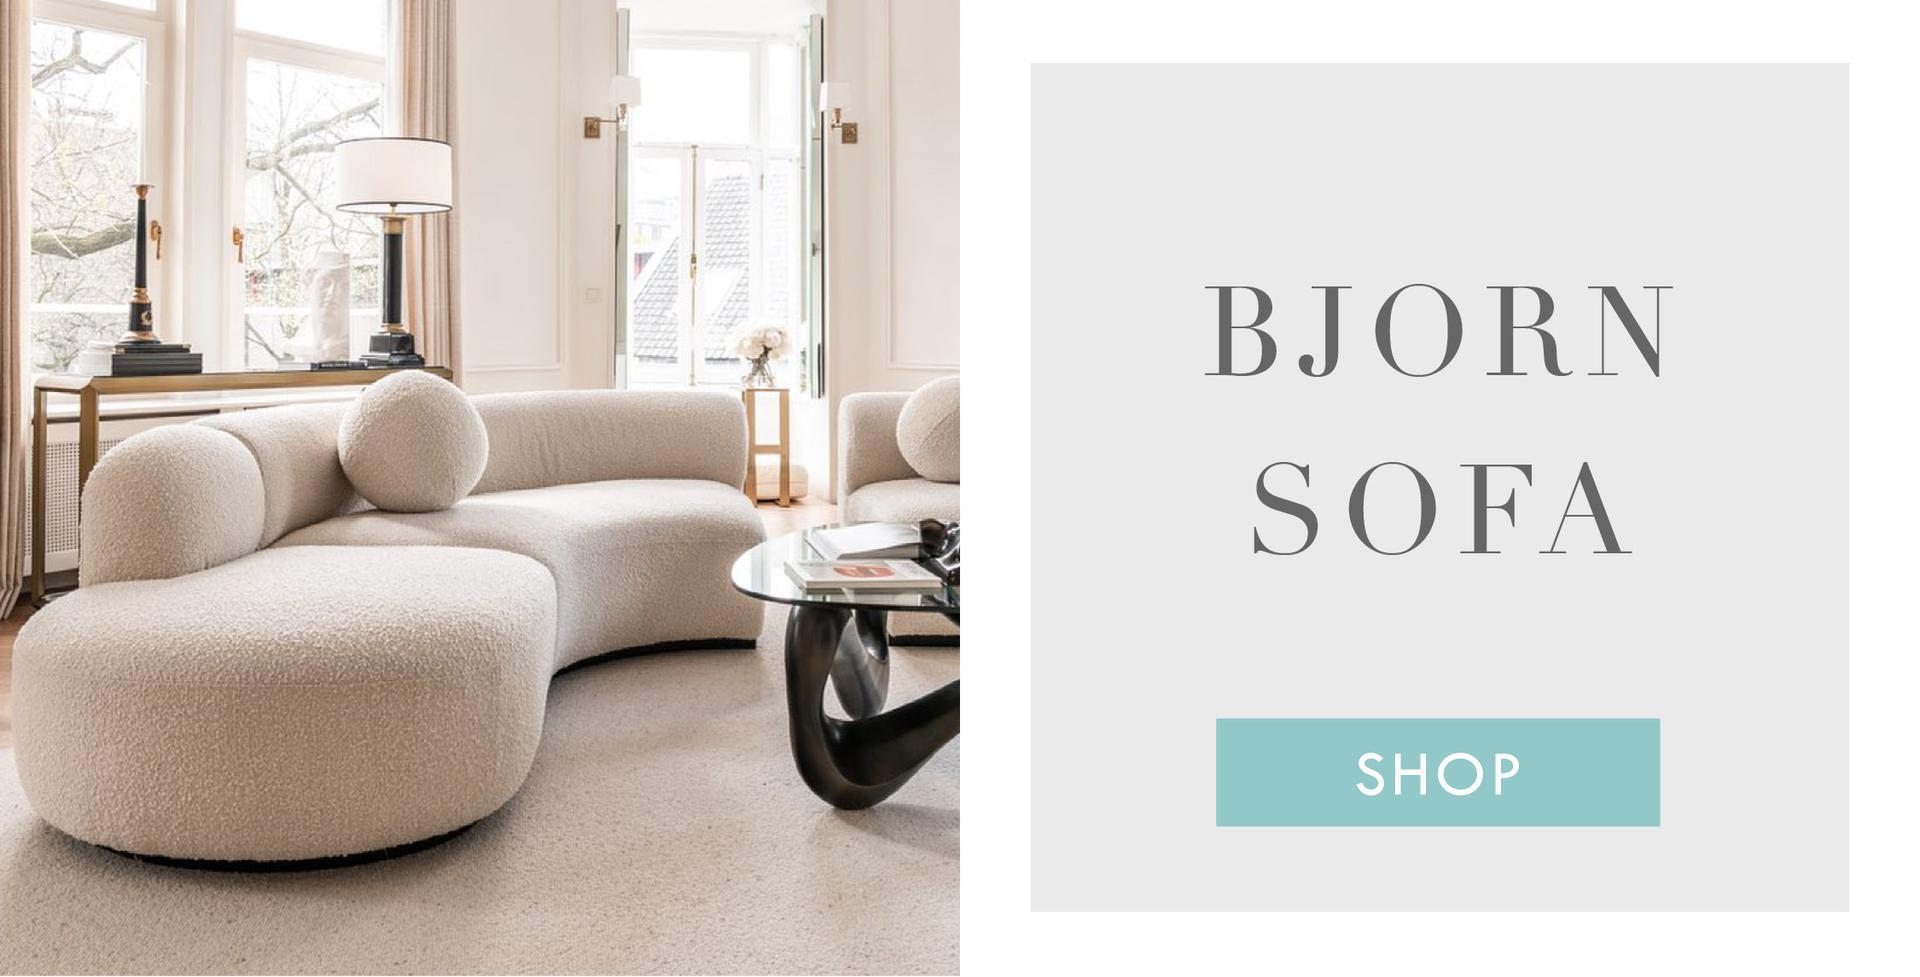 Shop The Bjorn Sofa